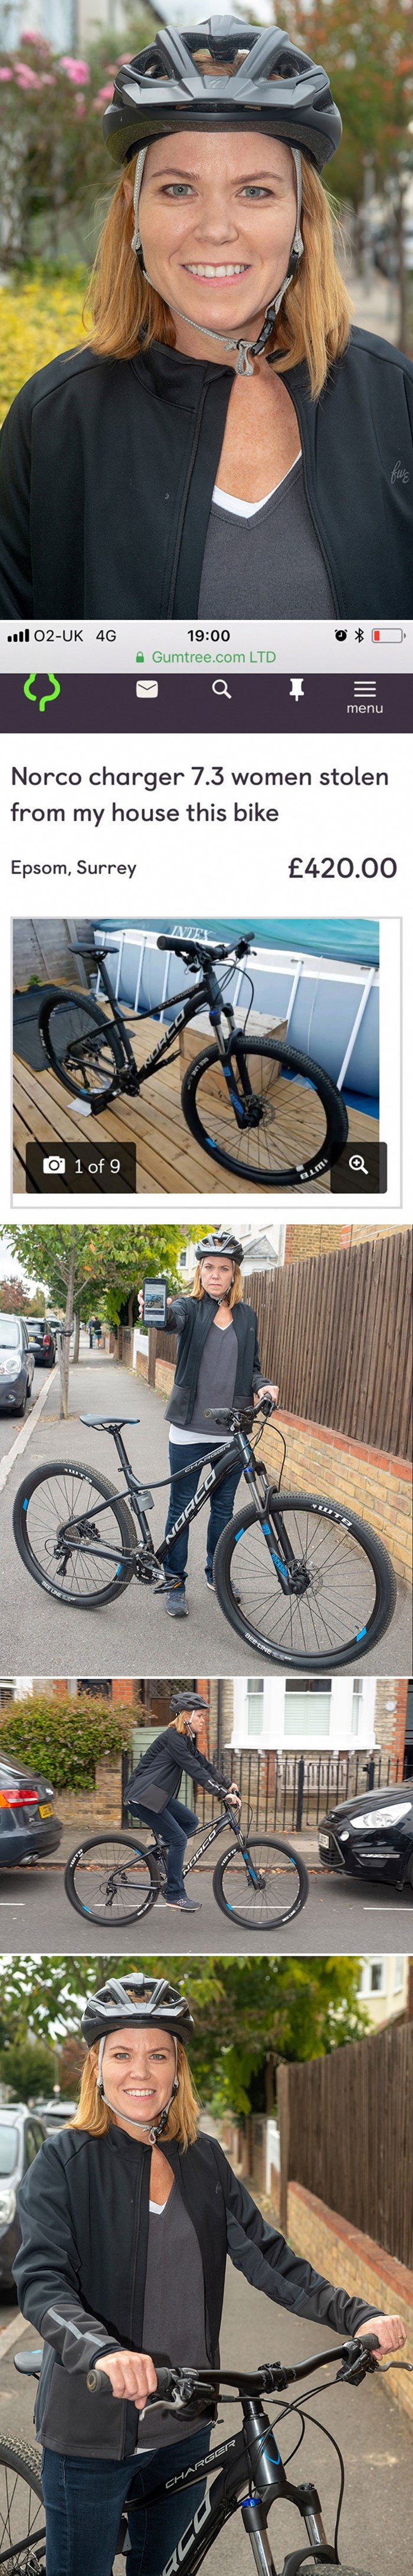 Policija joj nije htjela pomoći pa je mama preuzela stvari u svoje ruke i na genijalan način vratila svoj bicikl